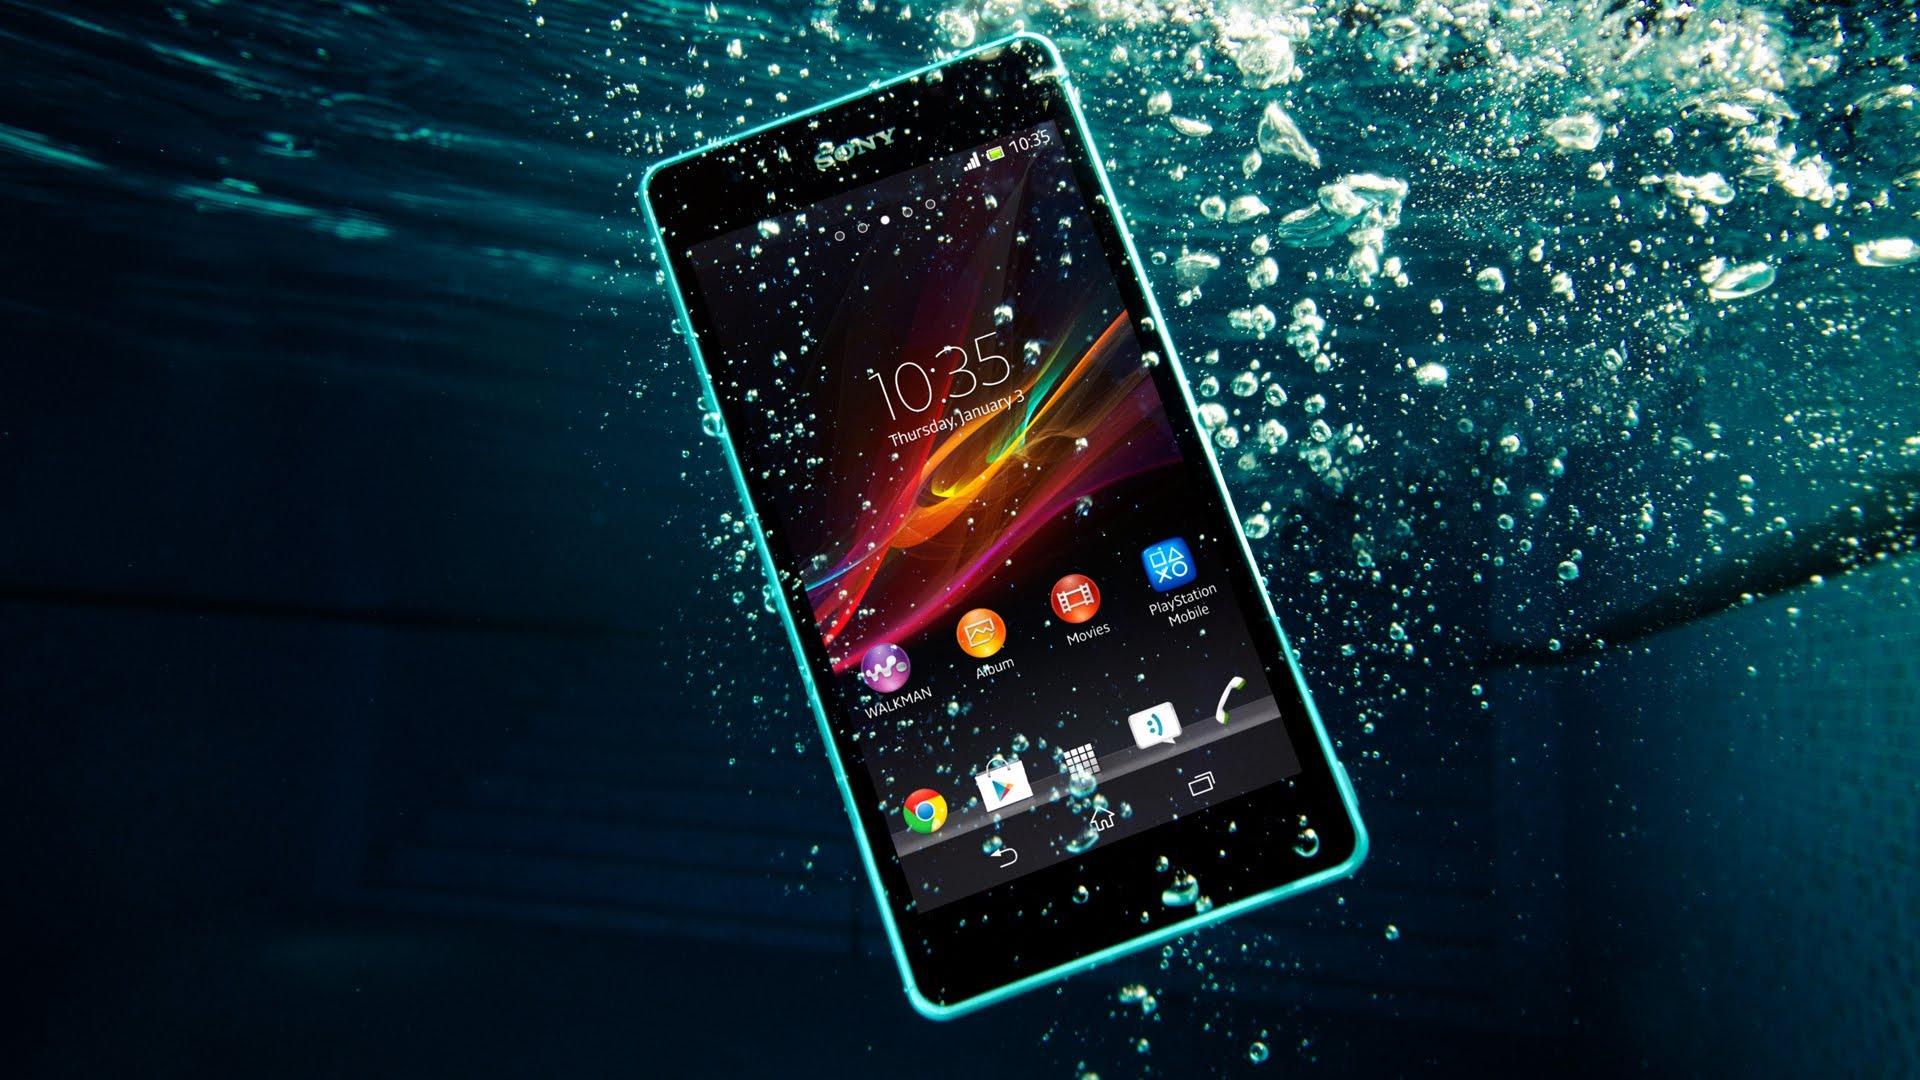 Waterproof smartphone from Sony